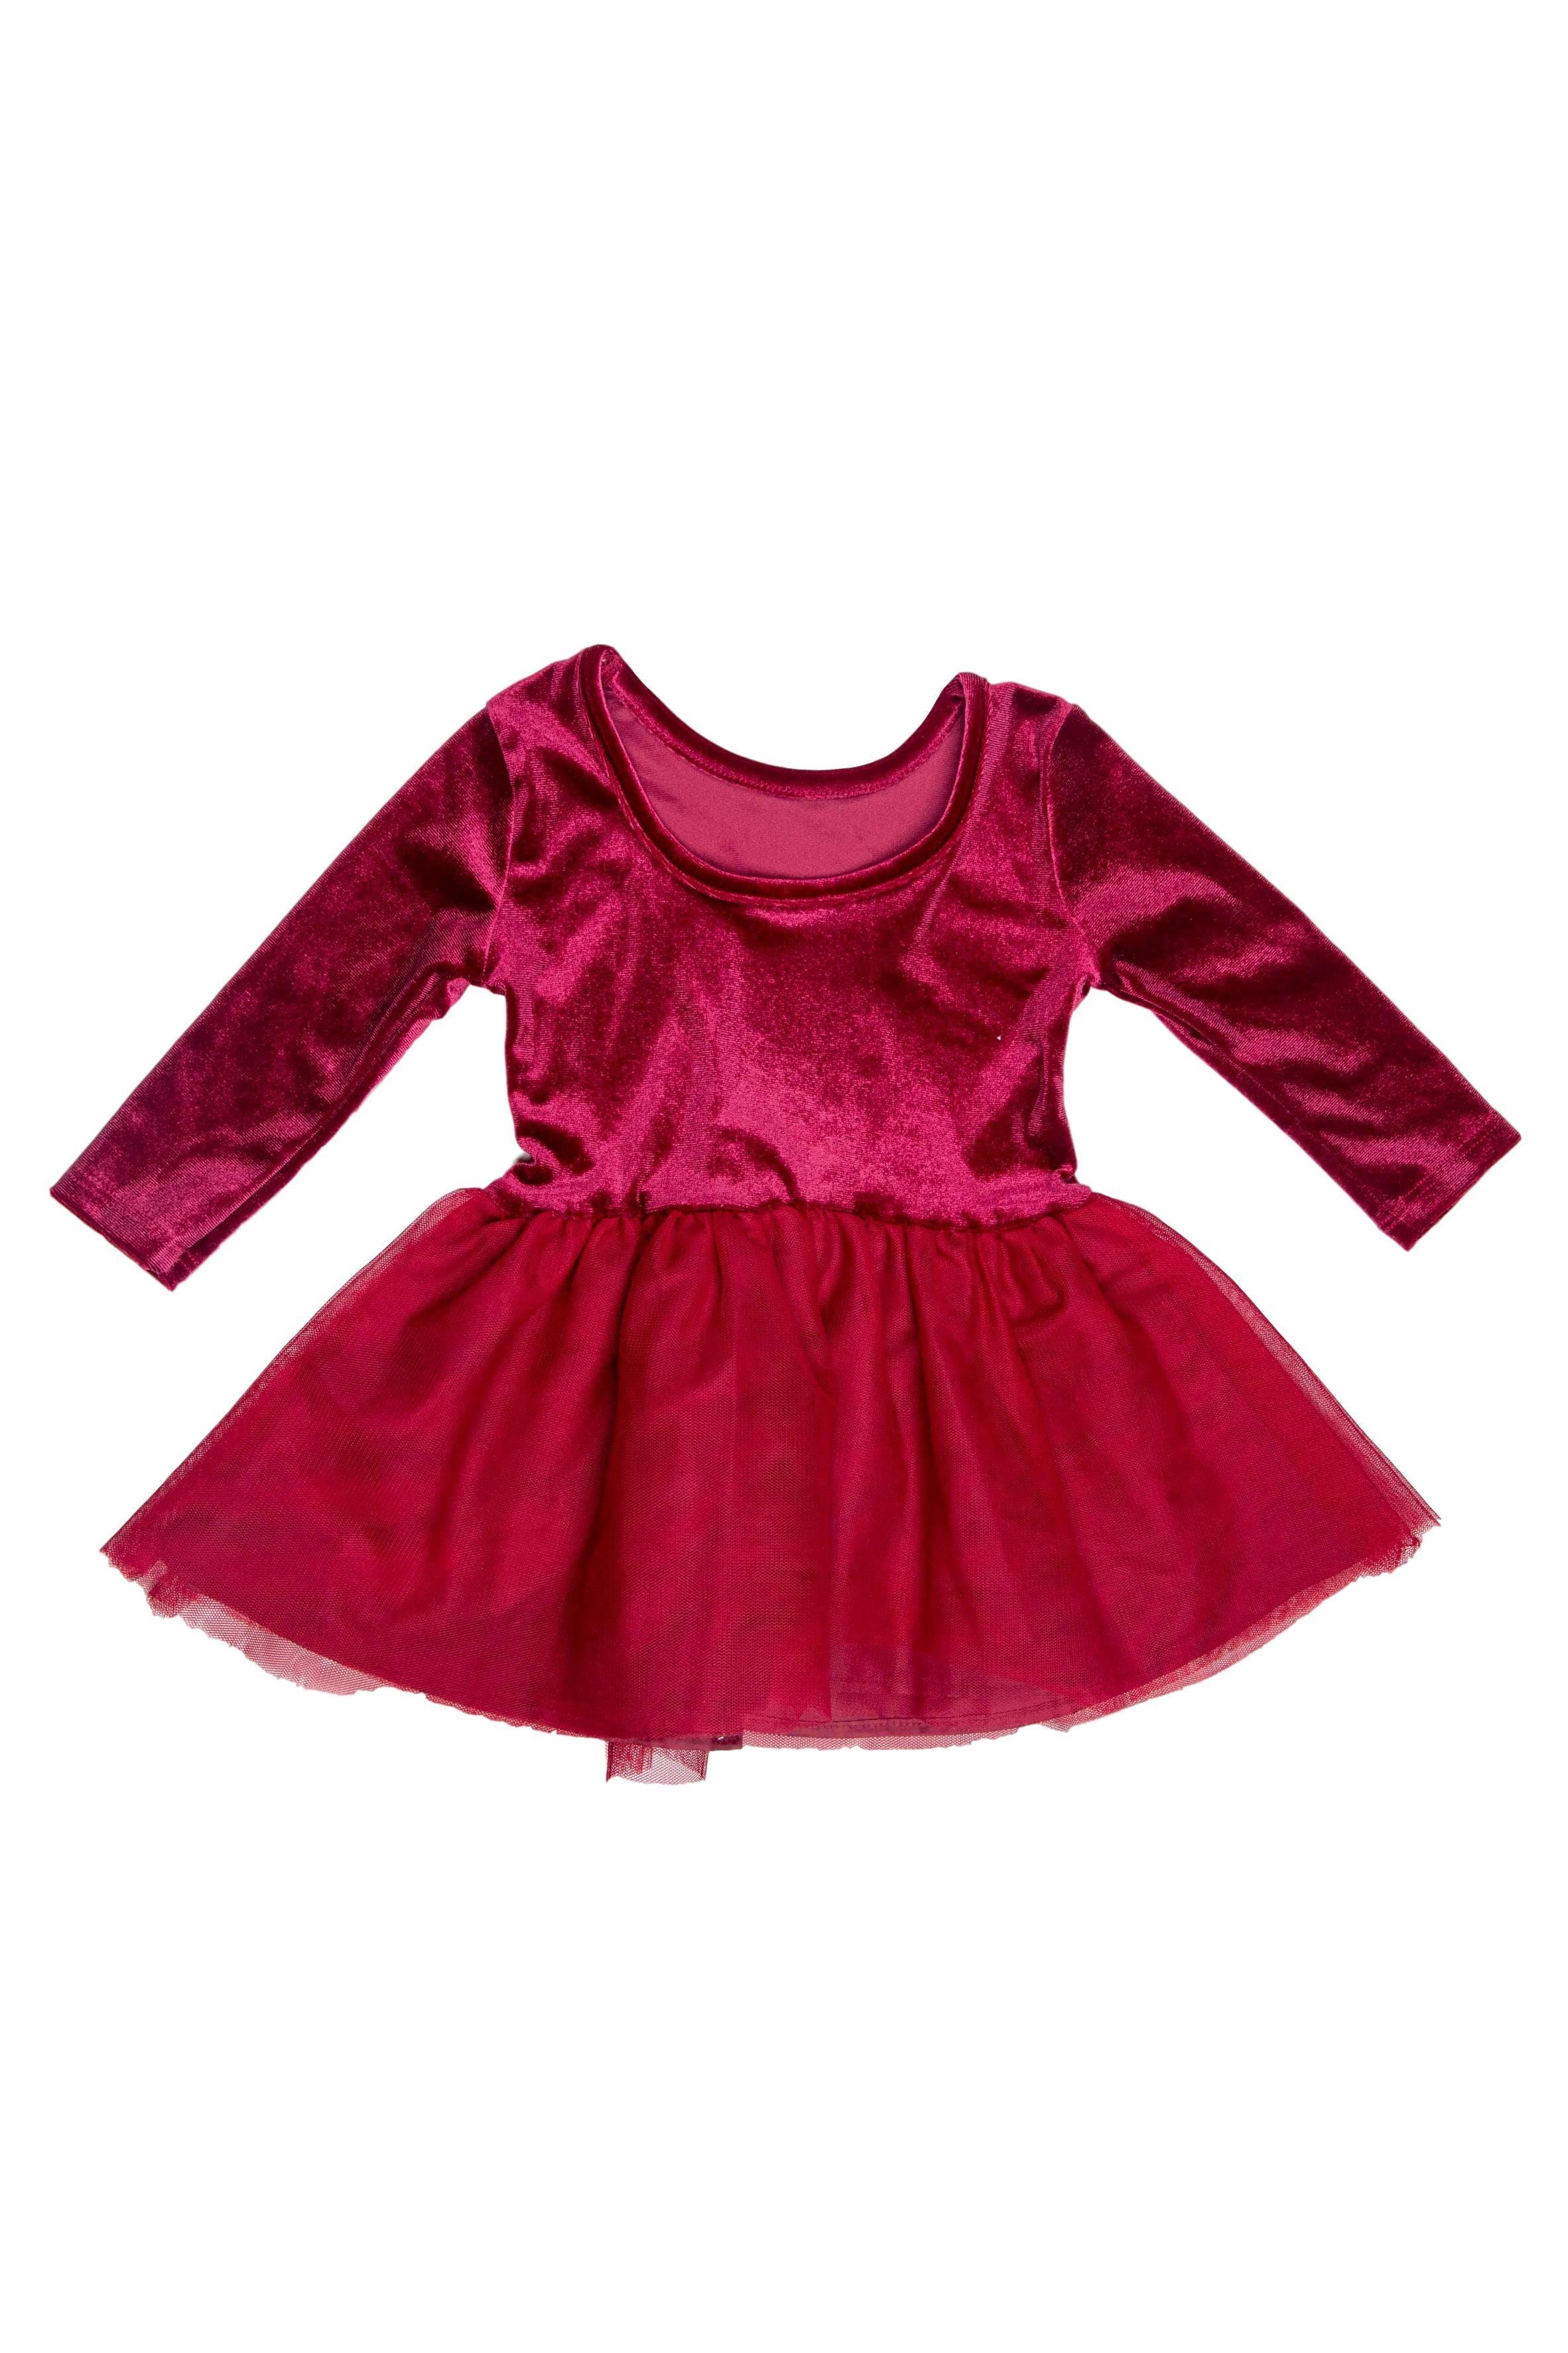 vestido terciopelo guinda con tutu. Talla en etiqueta 12 - 18 pero es corto, puede dar desde 9 meses - Old Navy